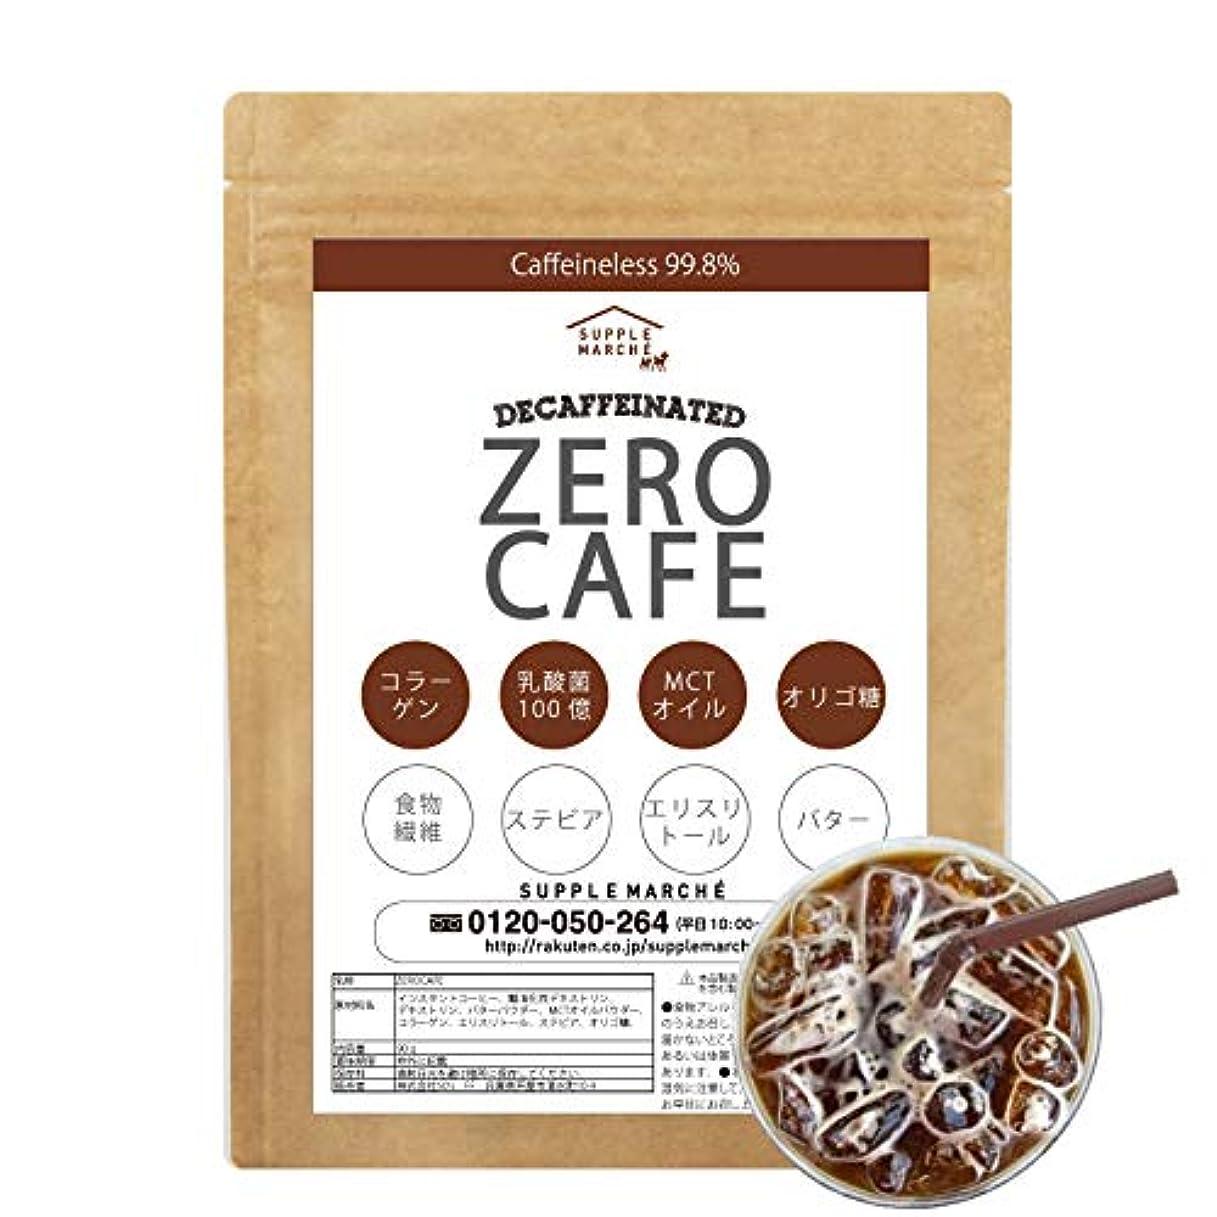 湖錆びコースダイエットコーヒー デカフェ バターコーヒー 90g (約30杯) アイスコーヒー カフェインレス MCTオイル 乳酸菌 コラーゲン オリゴ糖 ダイエット シリコンバレー式